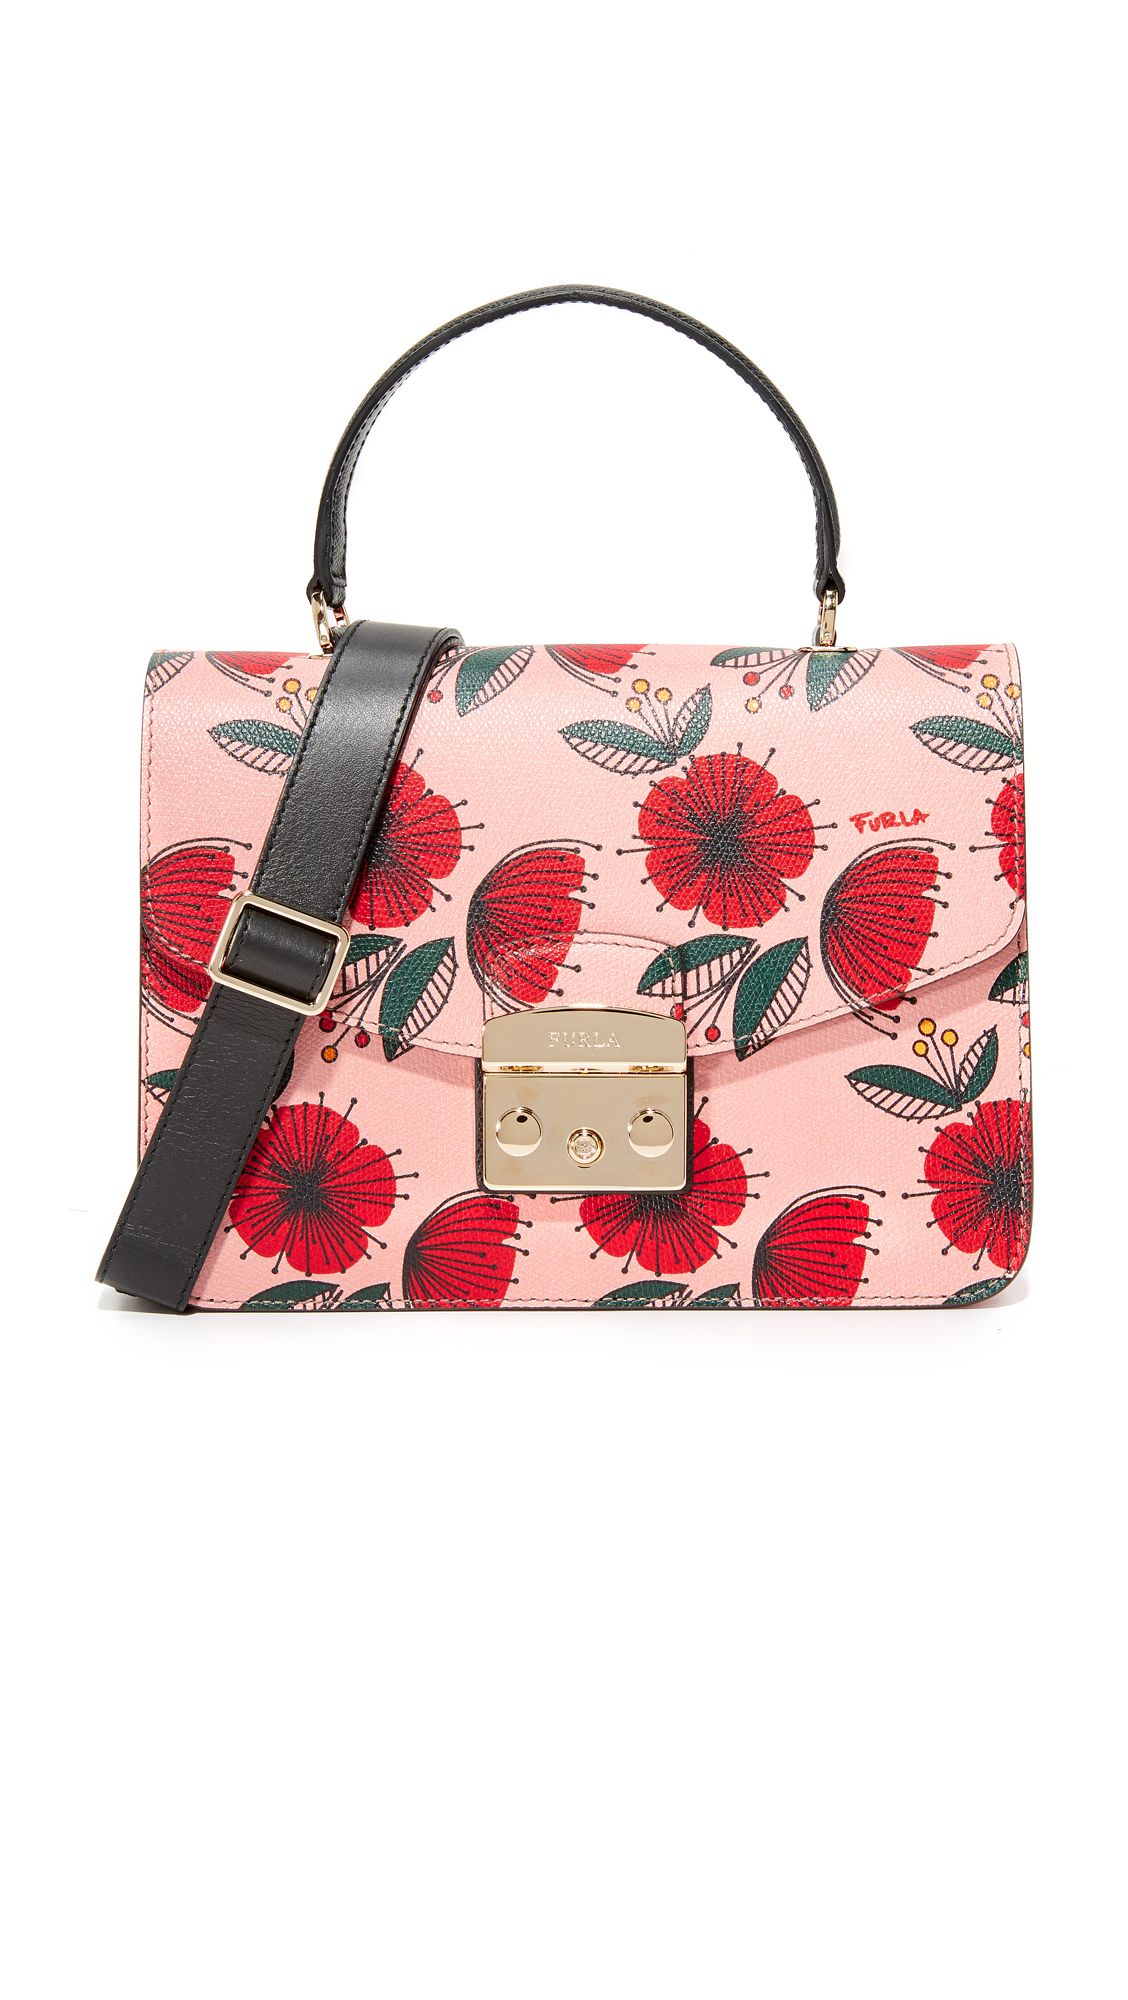 0fcf559b7deb9 Metropolis Small Top Handle Bag White Shoulder Bags